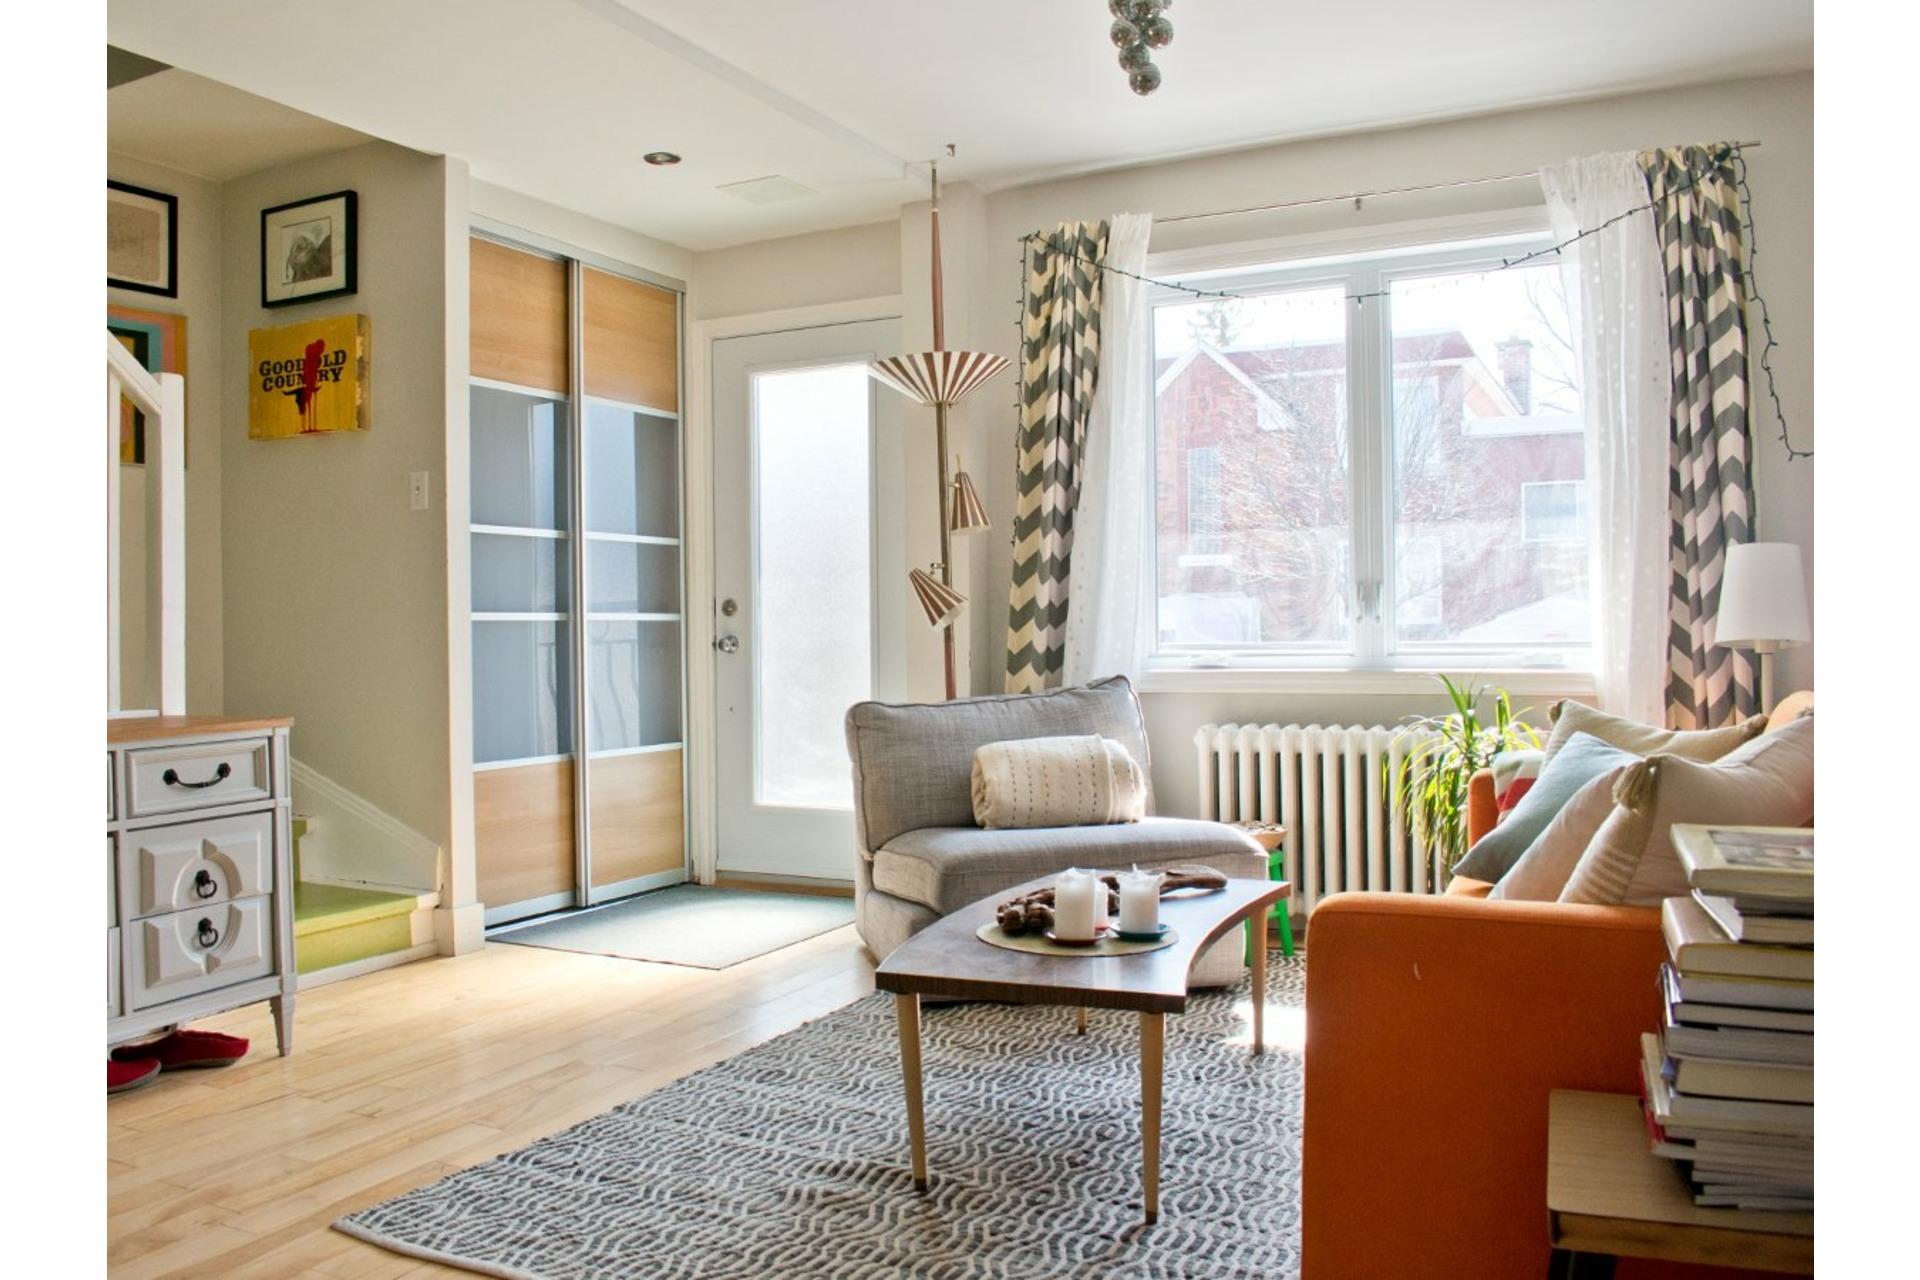 image 2 - Maison À vendre Villeray/Saint-Michel/Parc-Extension Montréal  - 9 pièces